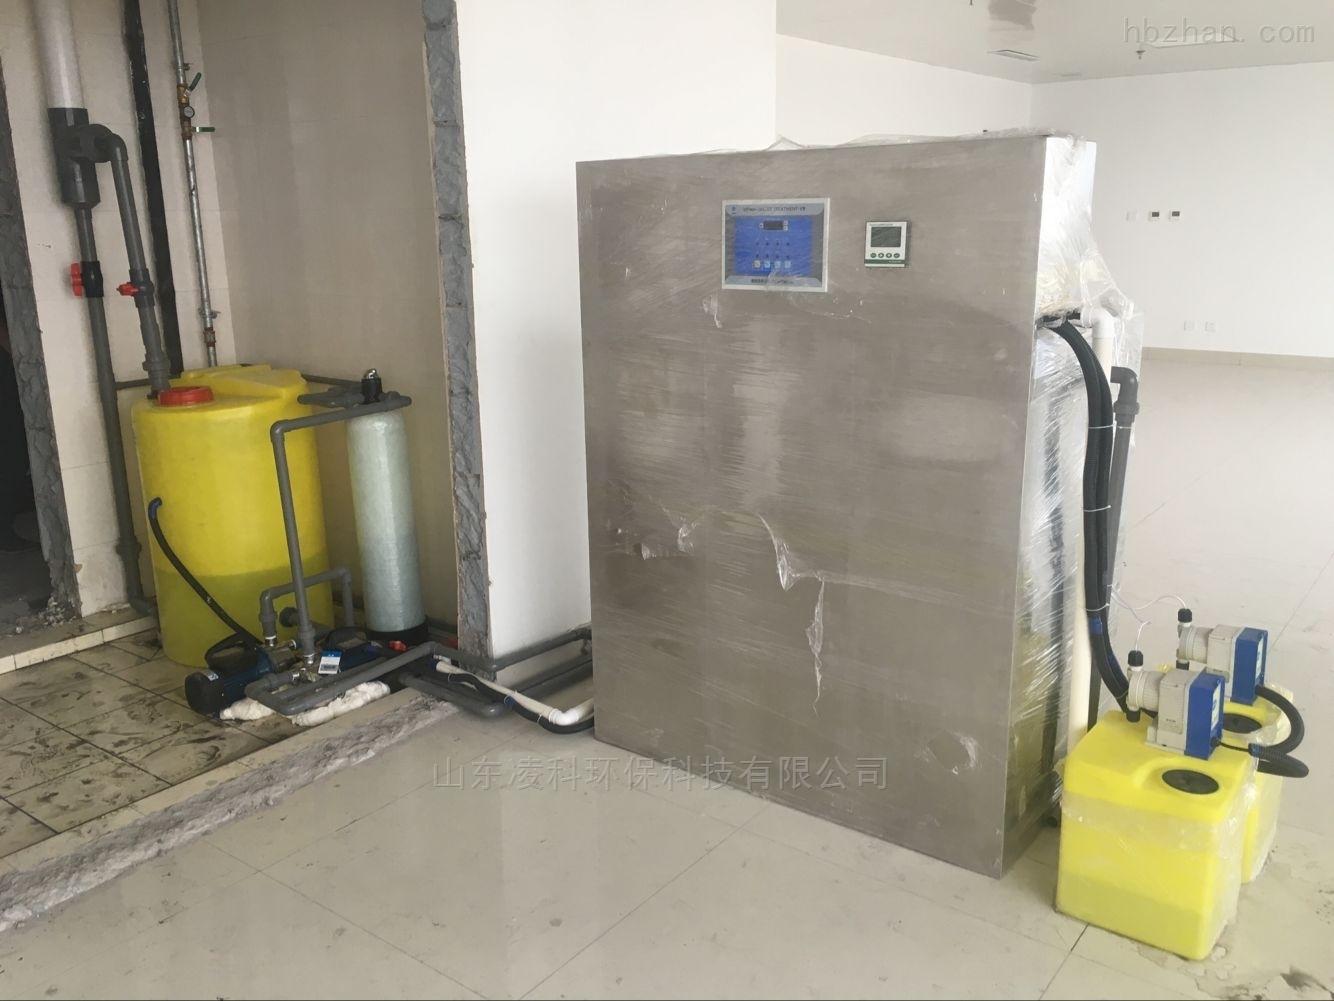 环保核酸检测实验室污水处理设备达标排放